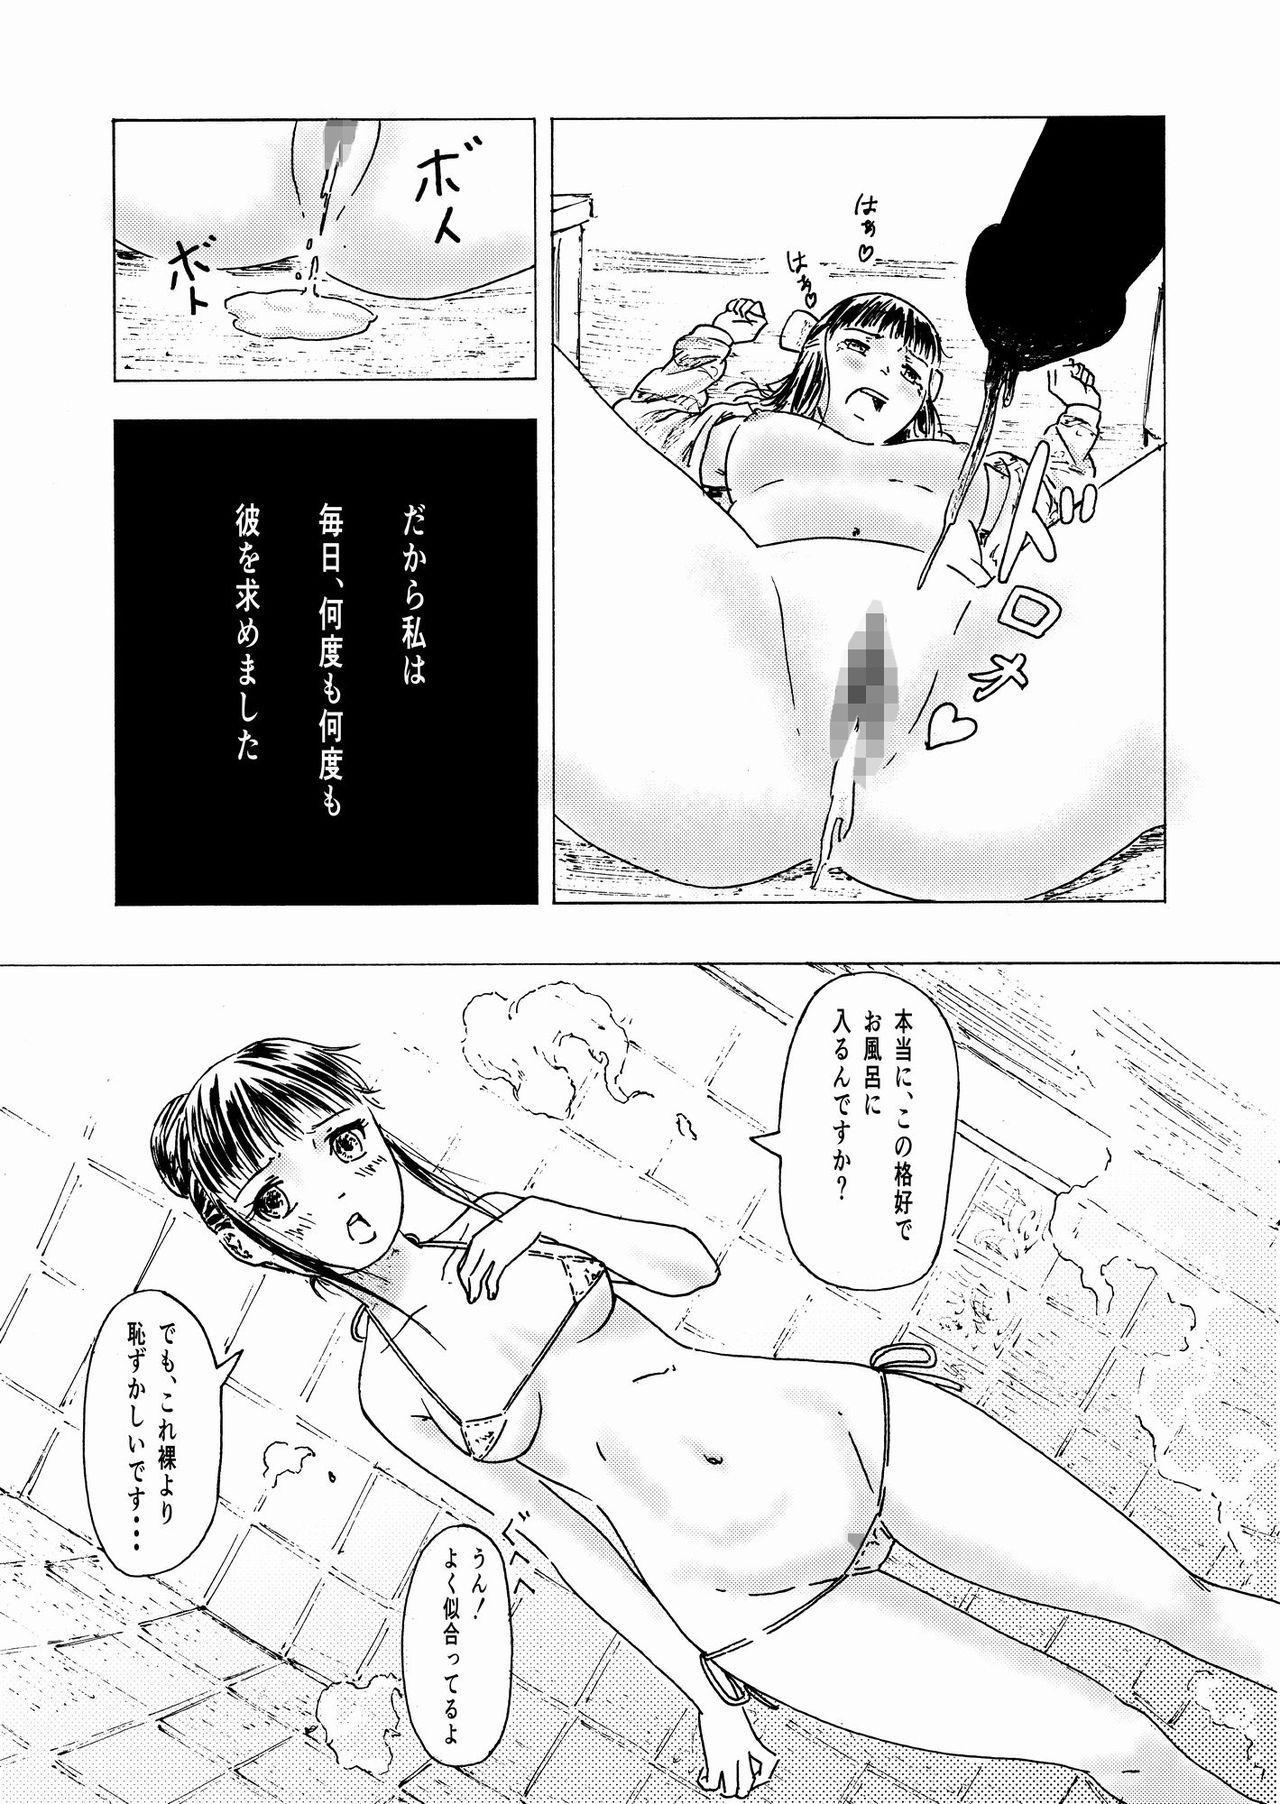 """[ALI-san Maku (ALI)] Shoushika Taisaku 10-kakan Tanetsuke Gasshuku ~Watashi no Hajimete wa """"Shiranai Oji-san"""" no Mono ni Narimashita~ [Digital] 33"""